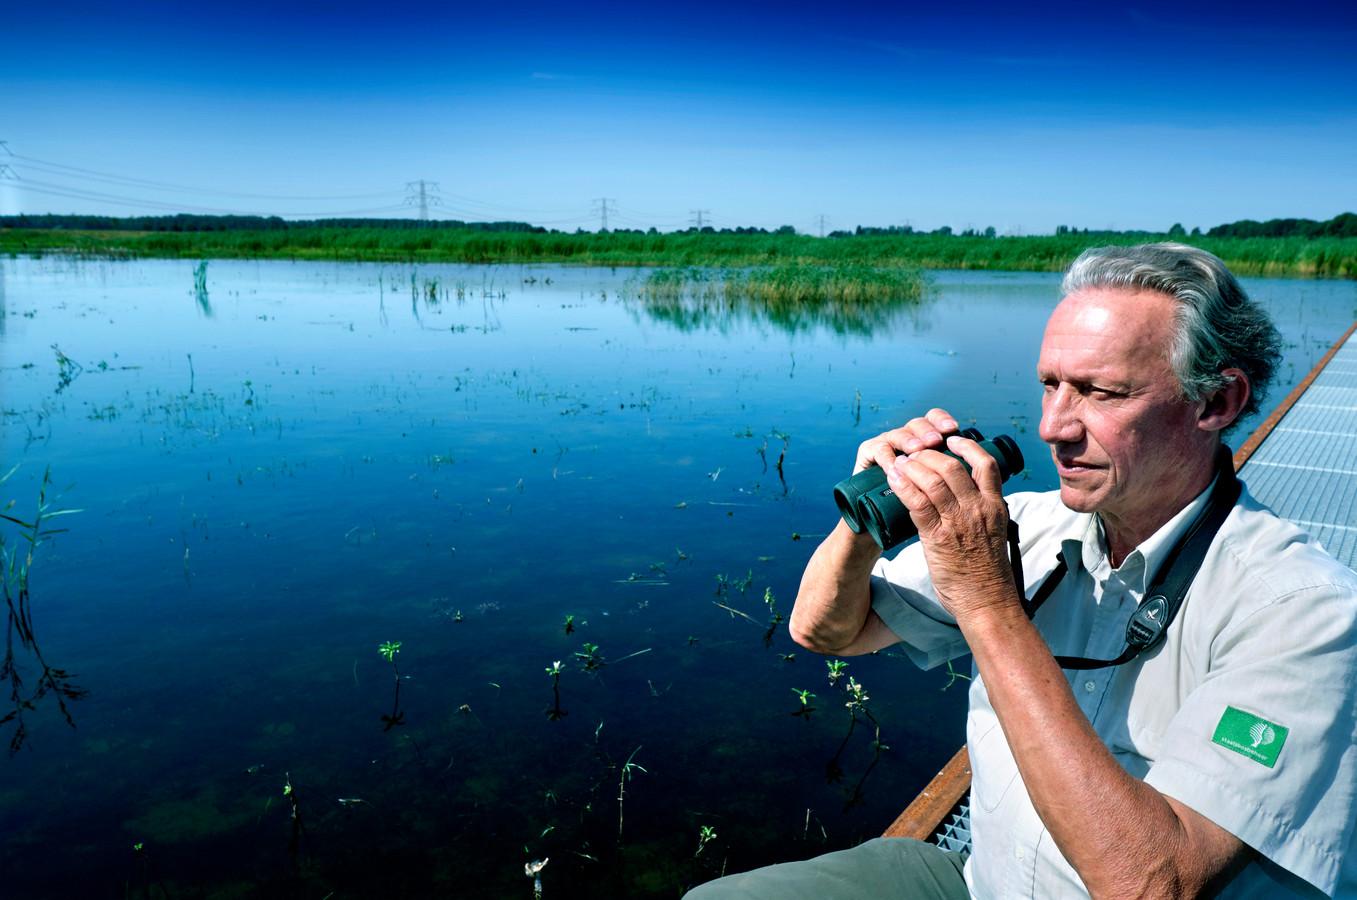 Boswachter Jacques van der Neut in de Biesbosch